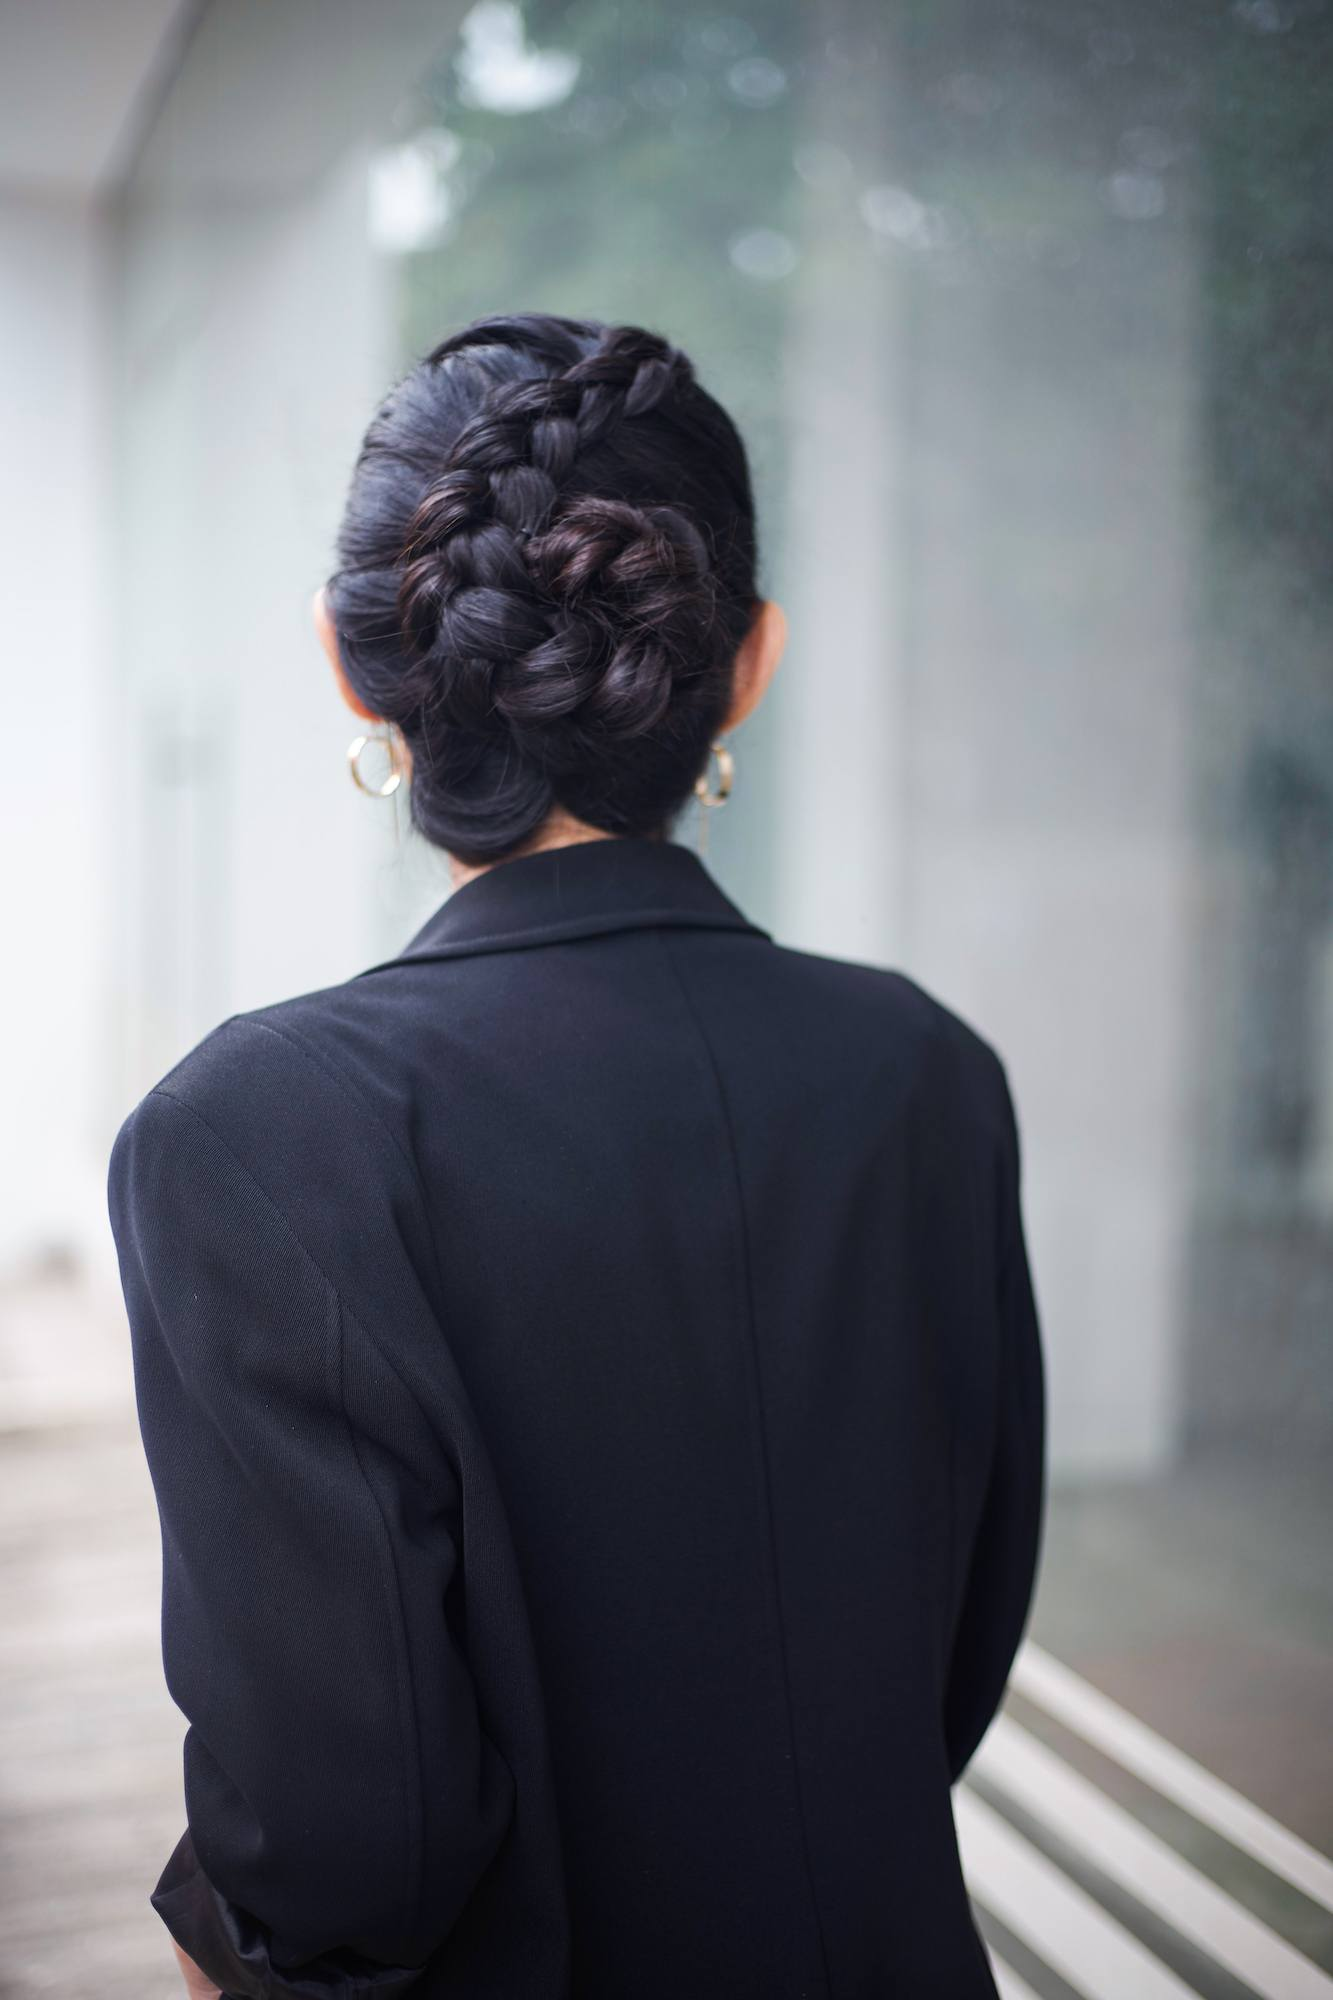 Wanita asia dengan rambut hitam memiliki model rambut wisuda gaya rambut flower braid.